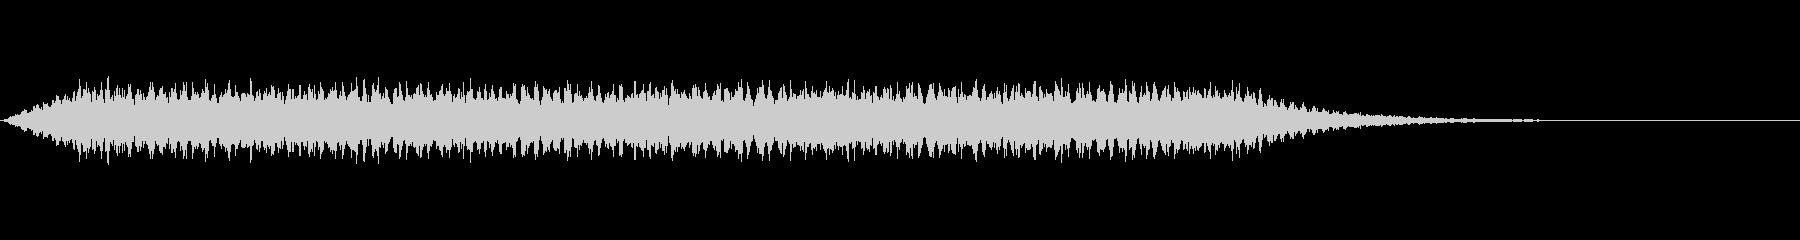 キーン(緊迫、緊張している時の効果音)の未再生の波形